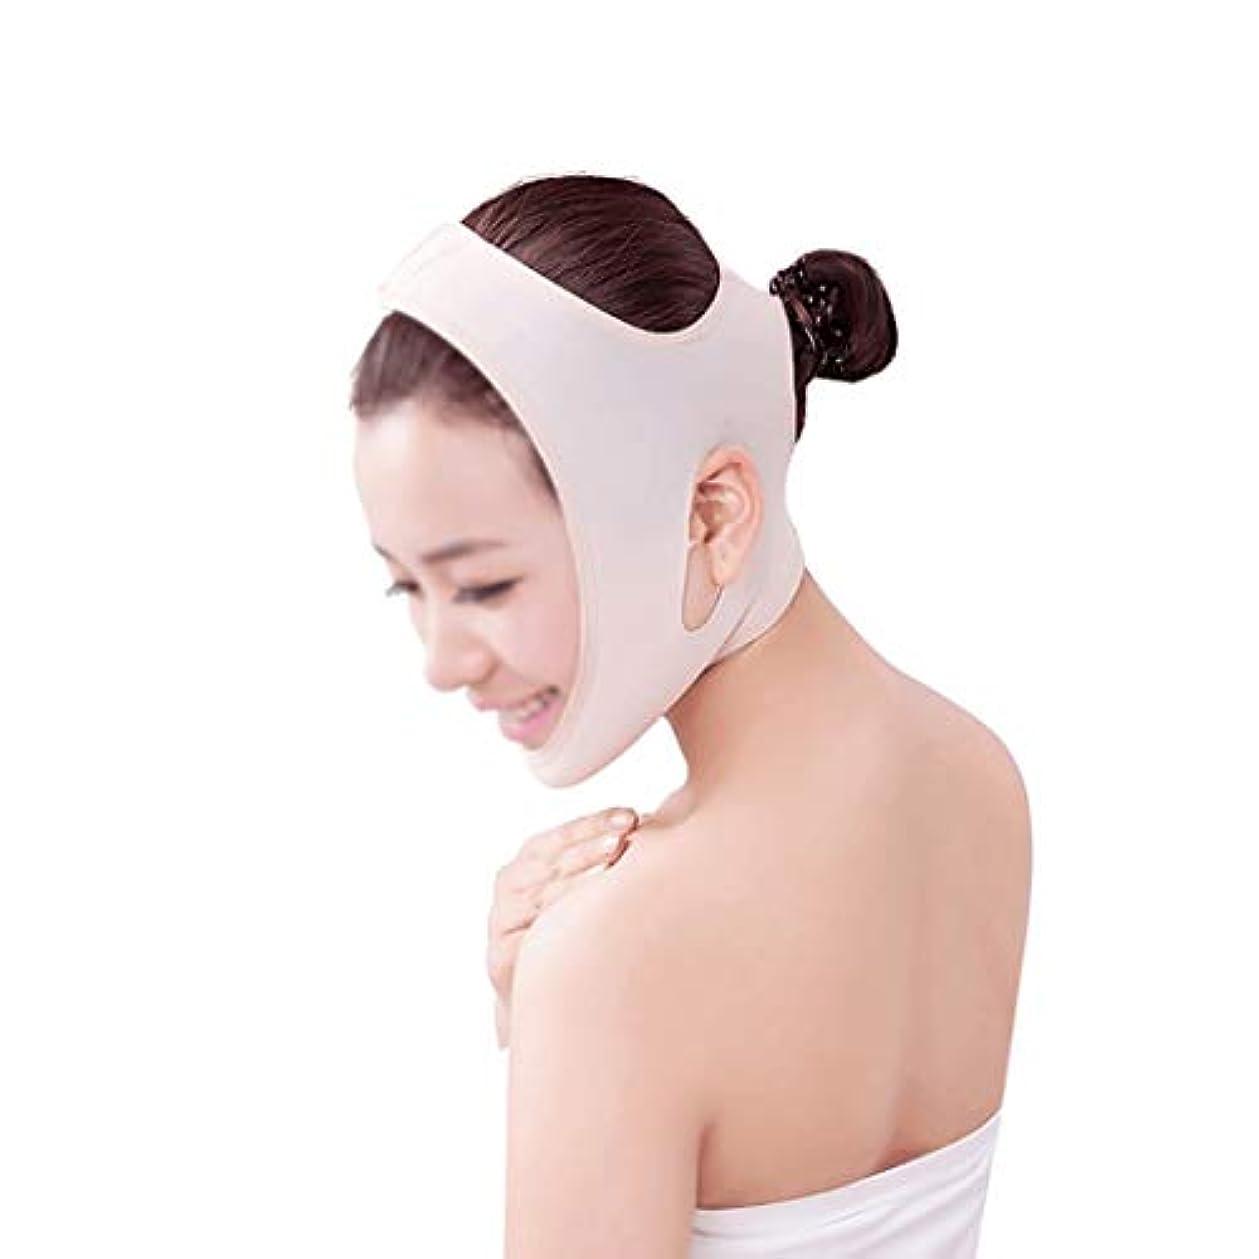 天文学ヘルパー医薬品顔と首リフト術後弾性セット美容マスク小V顔アーティファクトタイトリフティングゴムバンドリフティングフェイス薄い顔包帯 (Size : L)